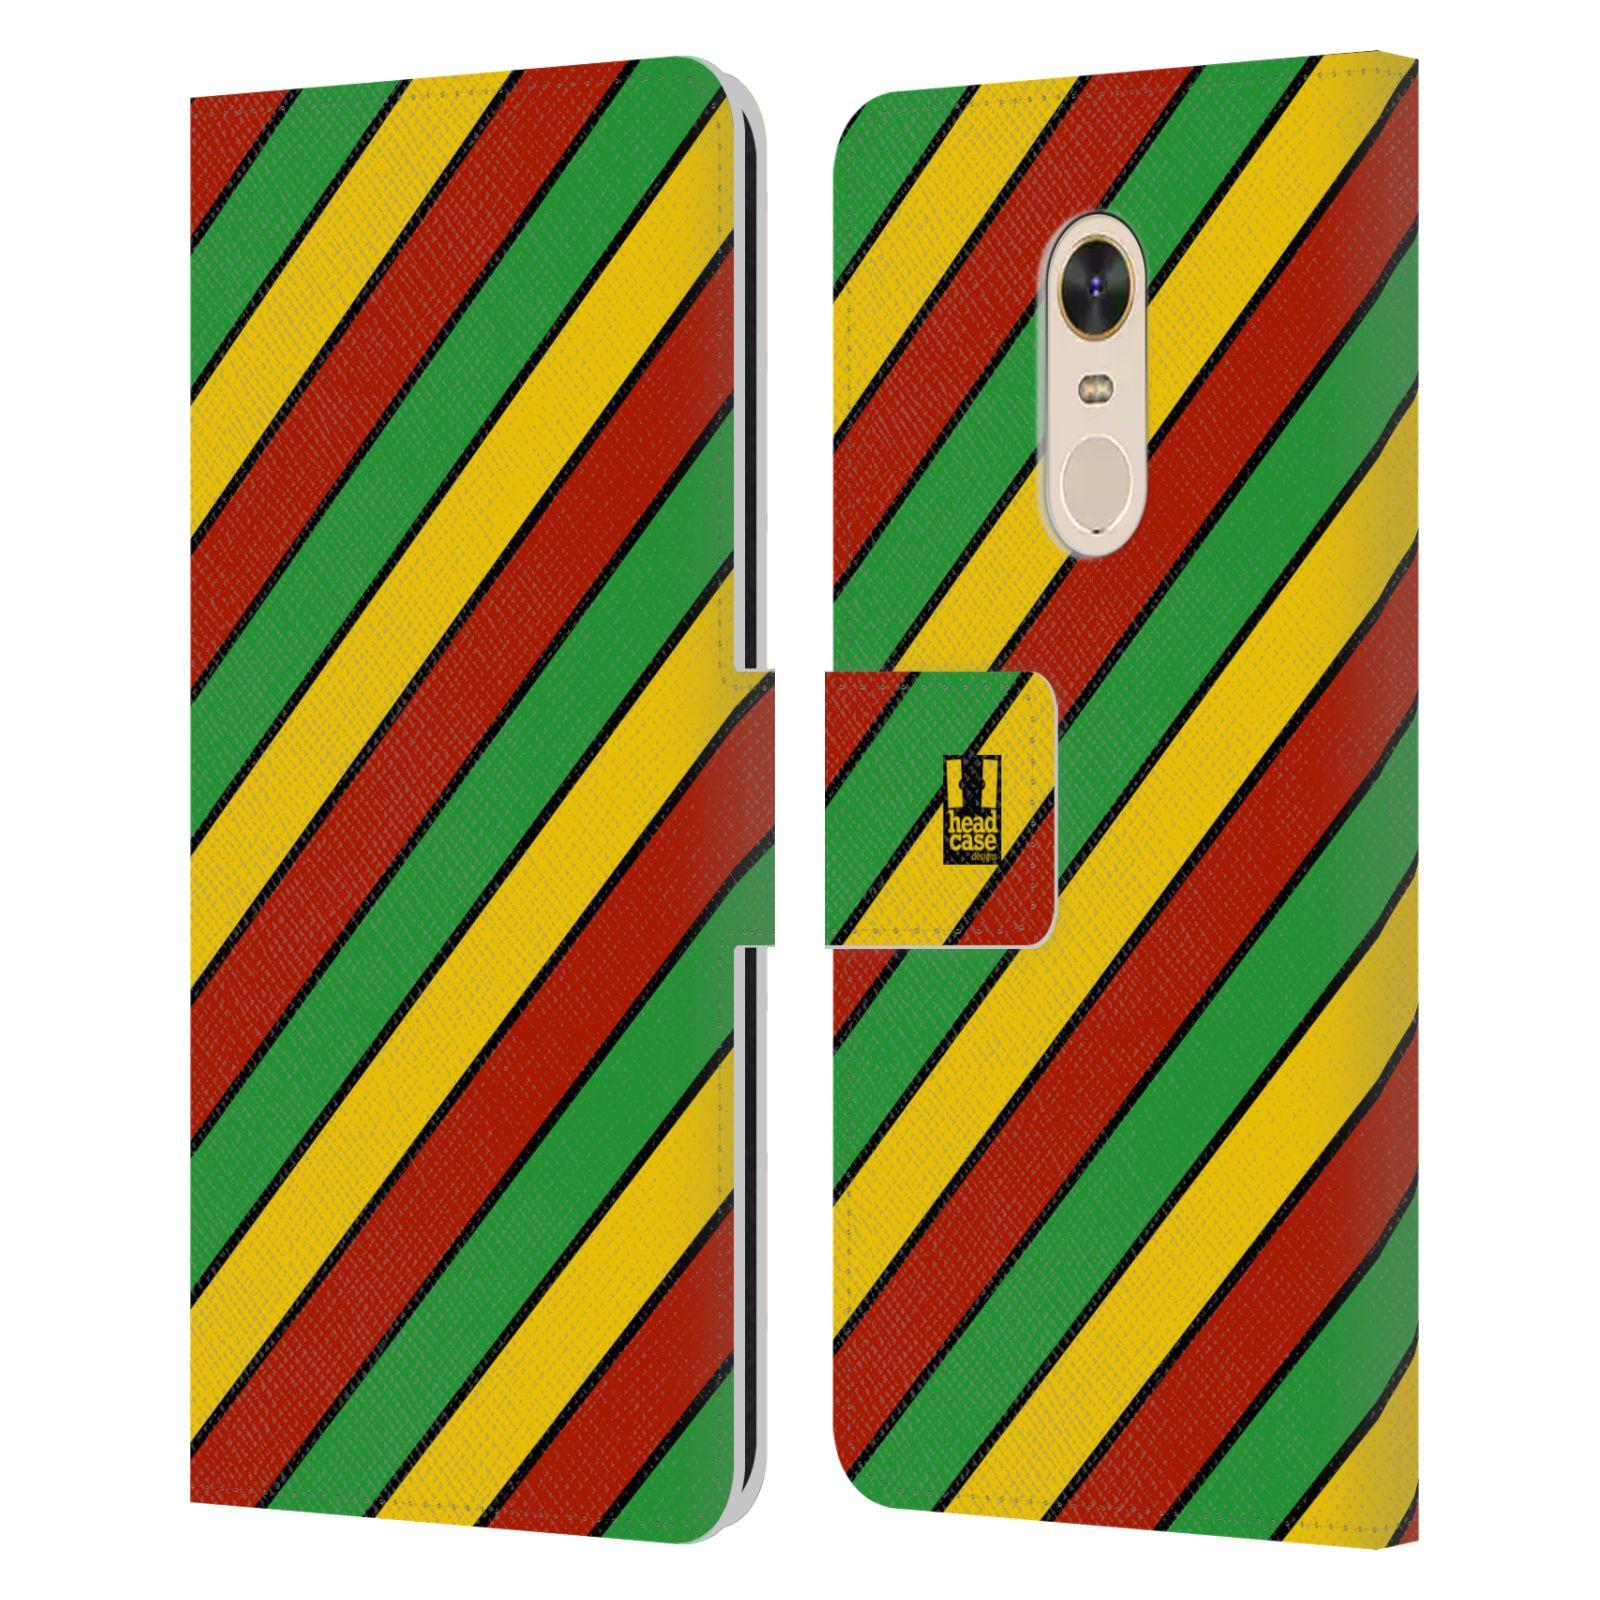 HEAD CASE Flipové pouzdro pro mobil Xiaomi Redmi Note 5 Rastafariánský motiv Jamajka diagonální pruhy